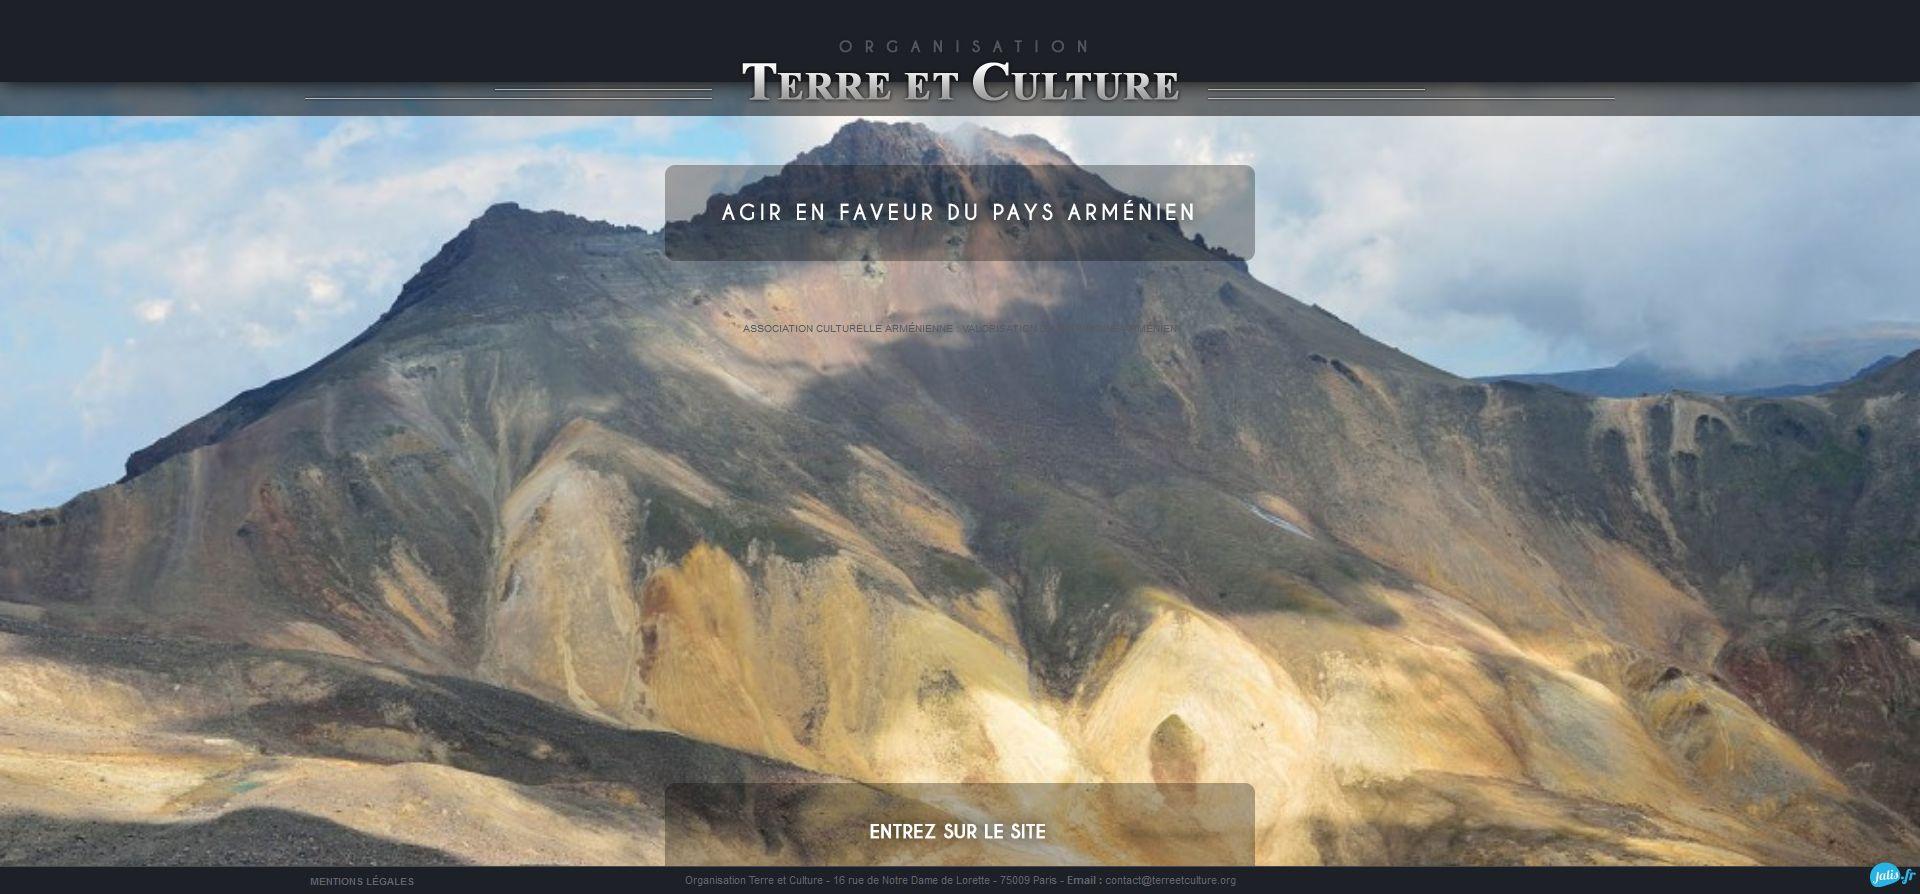 association culturelle arménienne